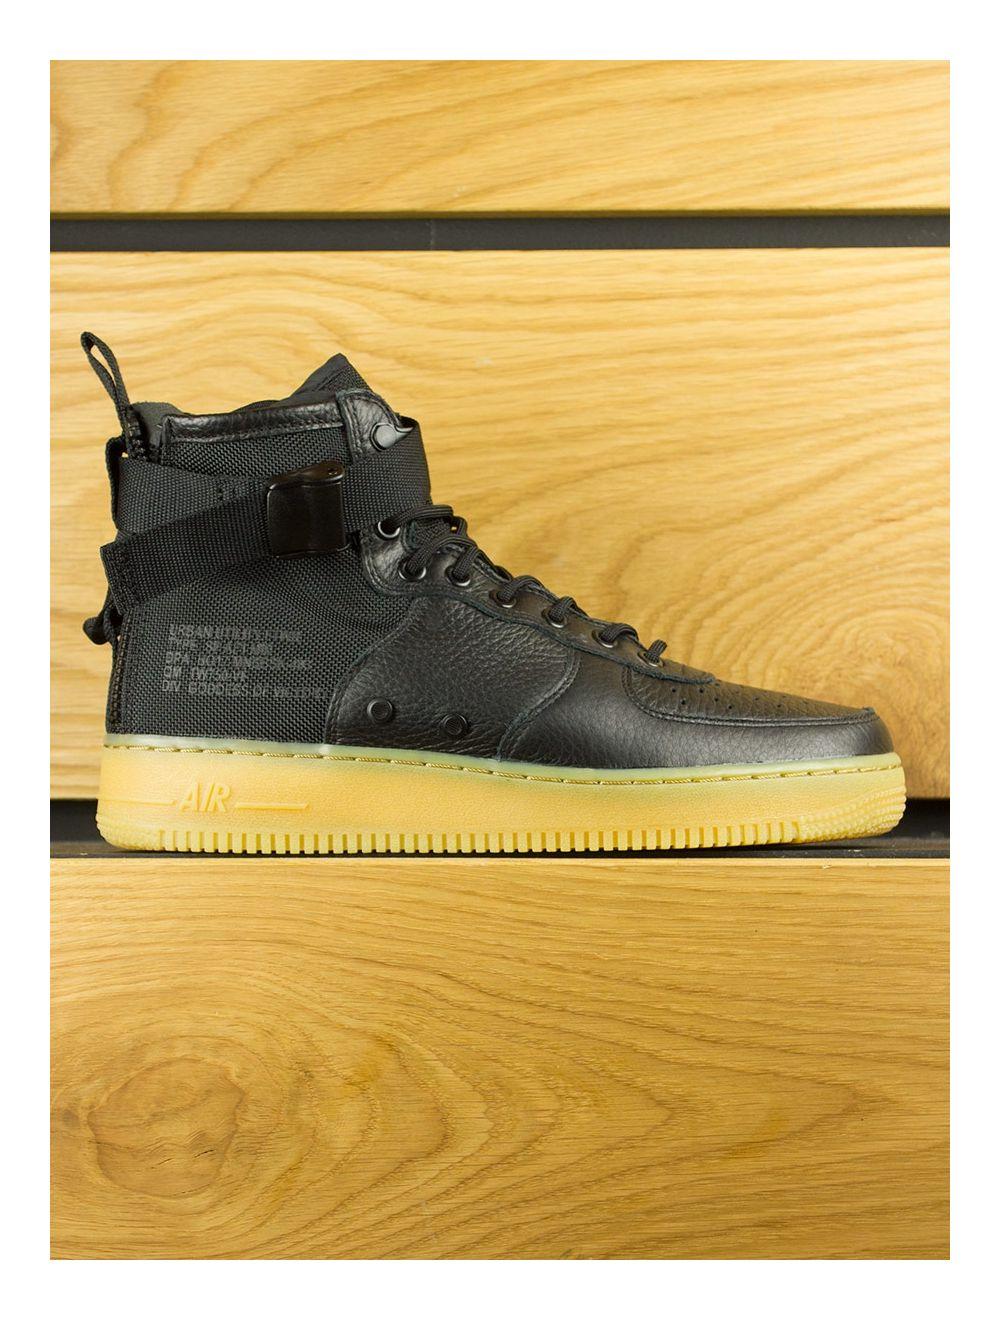 new arrivals dd6a5 62374 Nike SF Air Force 1 Mid - Black Gum Light Brown